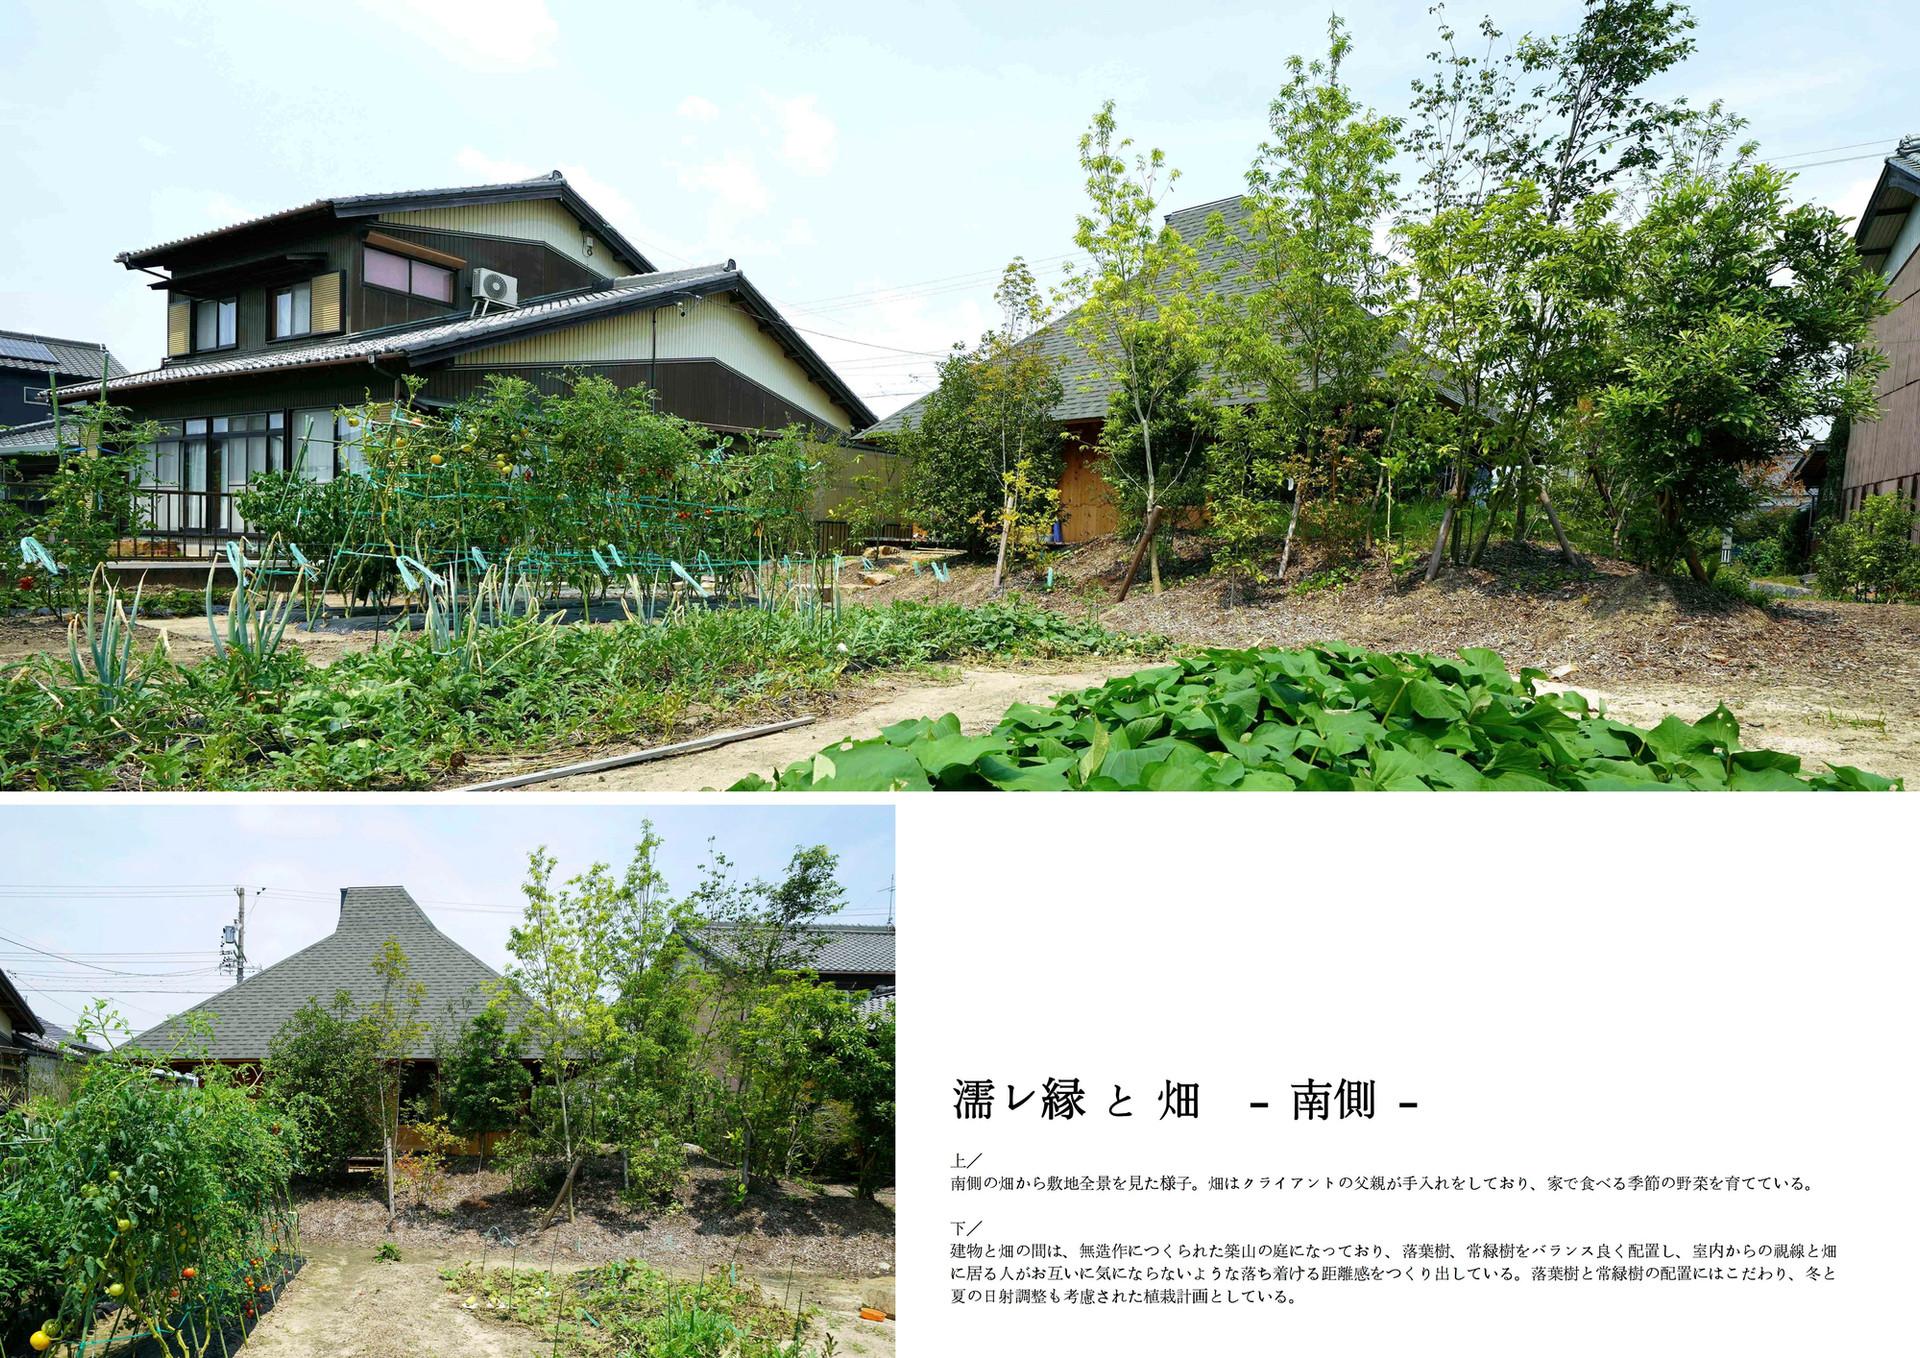 薬師田の住居07/岩間建築設計事務所.jpg